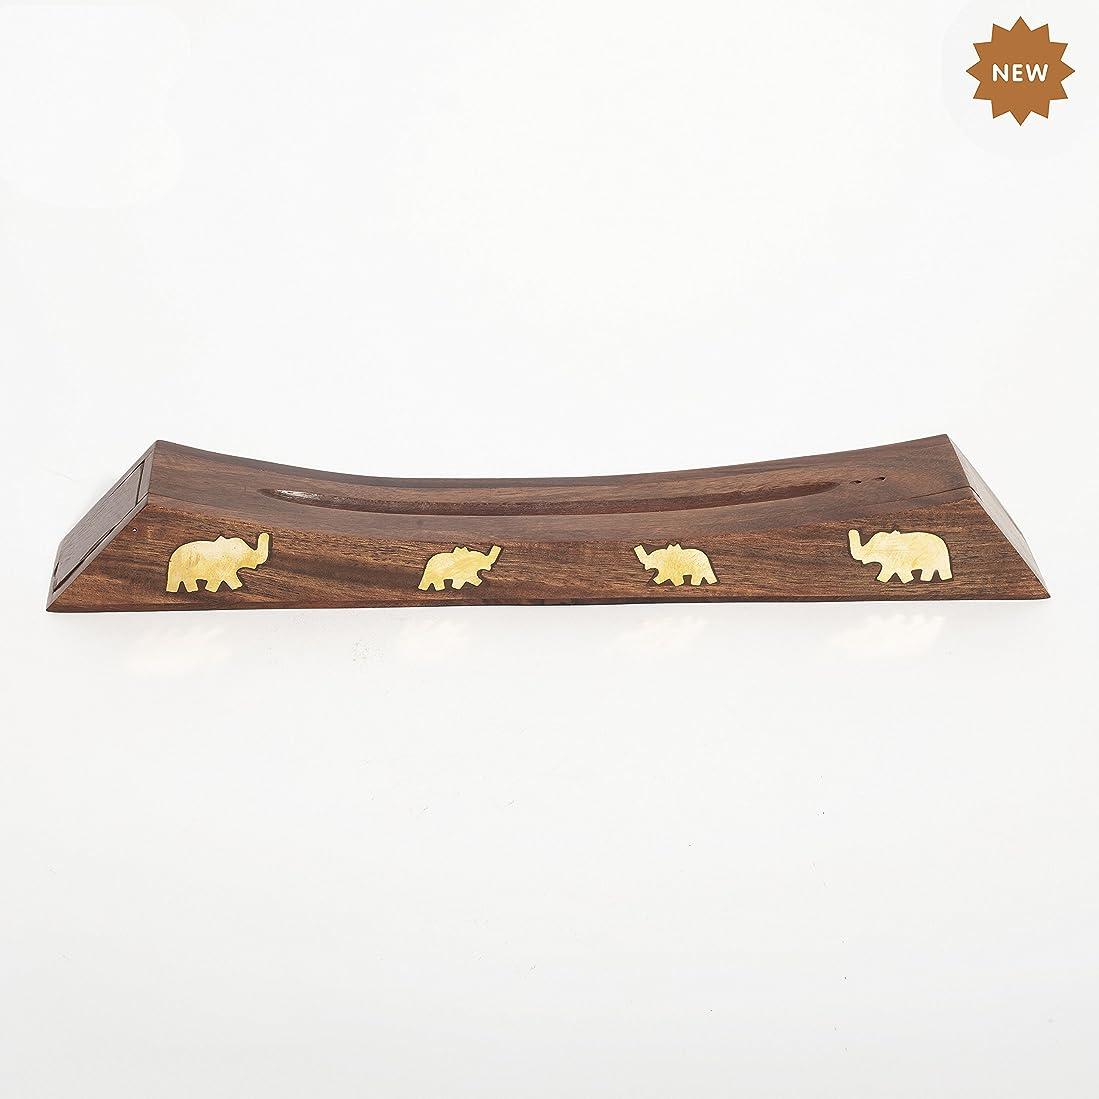 特権的削減ラップトップRusticity 木製お香スタンド お香スティック 収納スロット付き 象の真鍮インレー ハンドメイド 12.4x1.6インチ